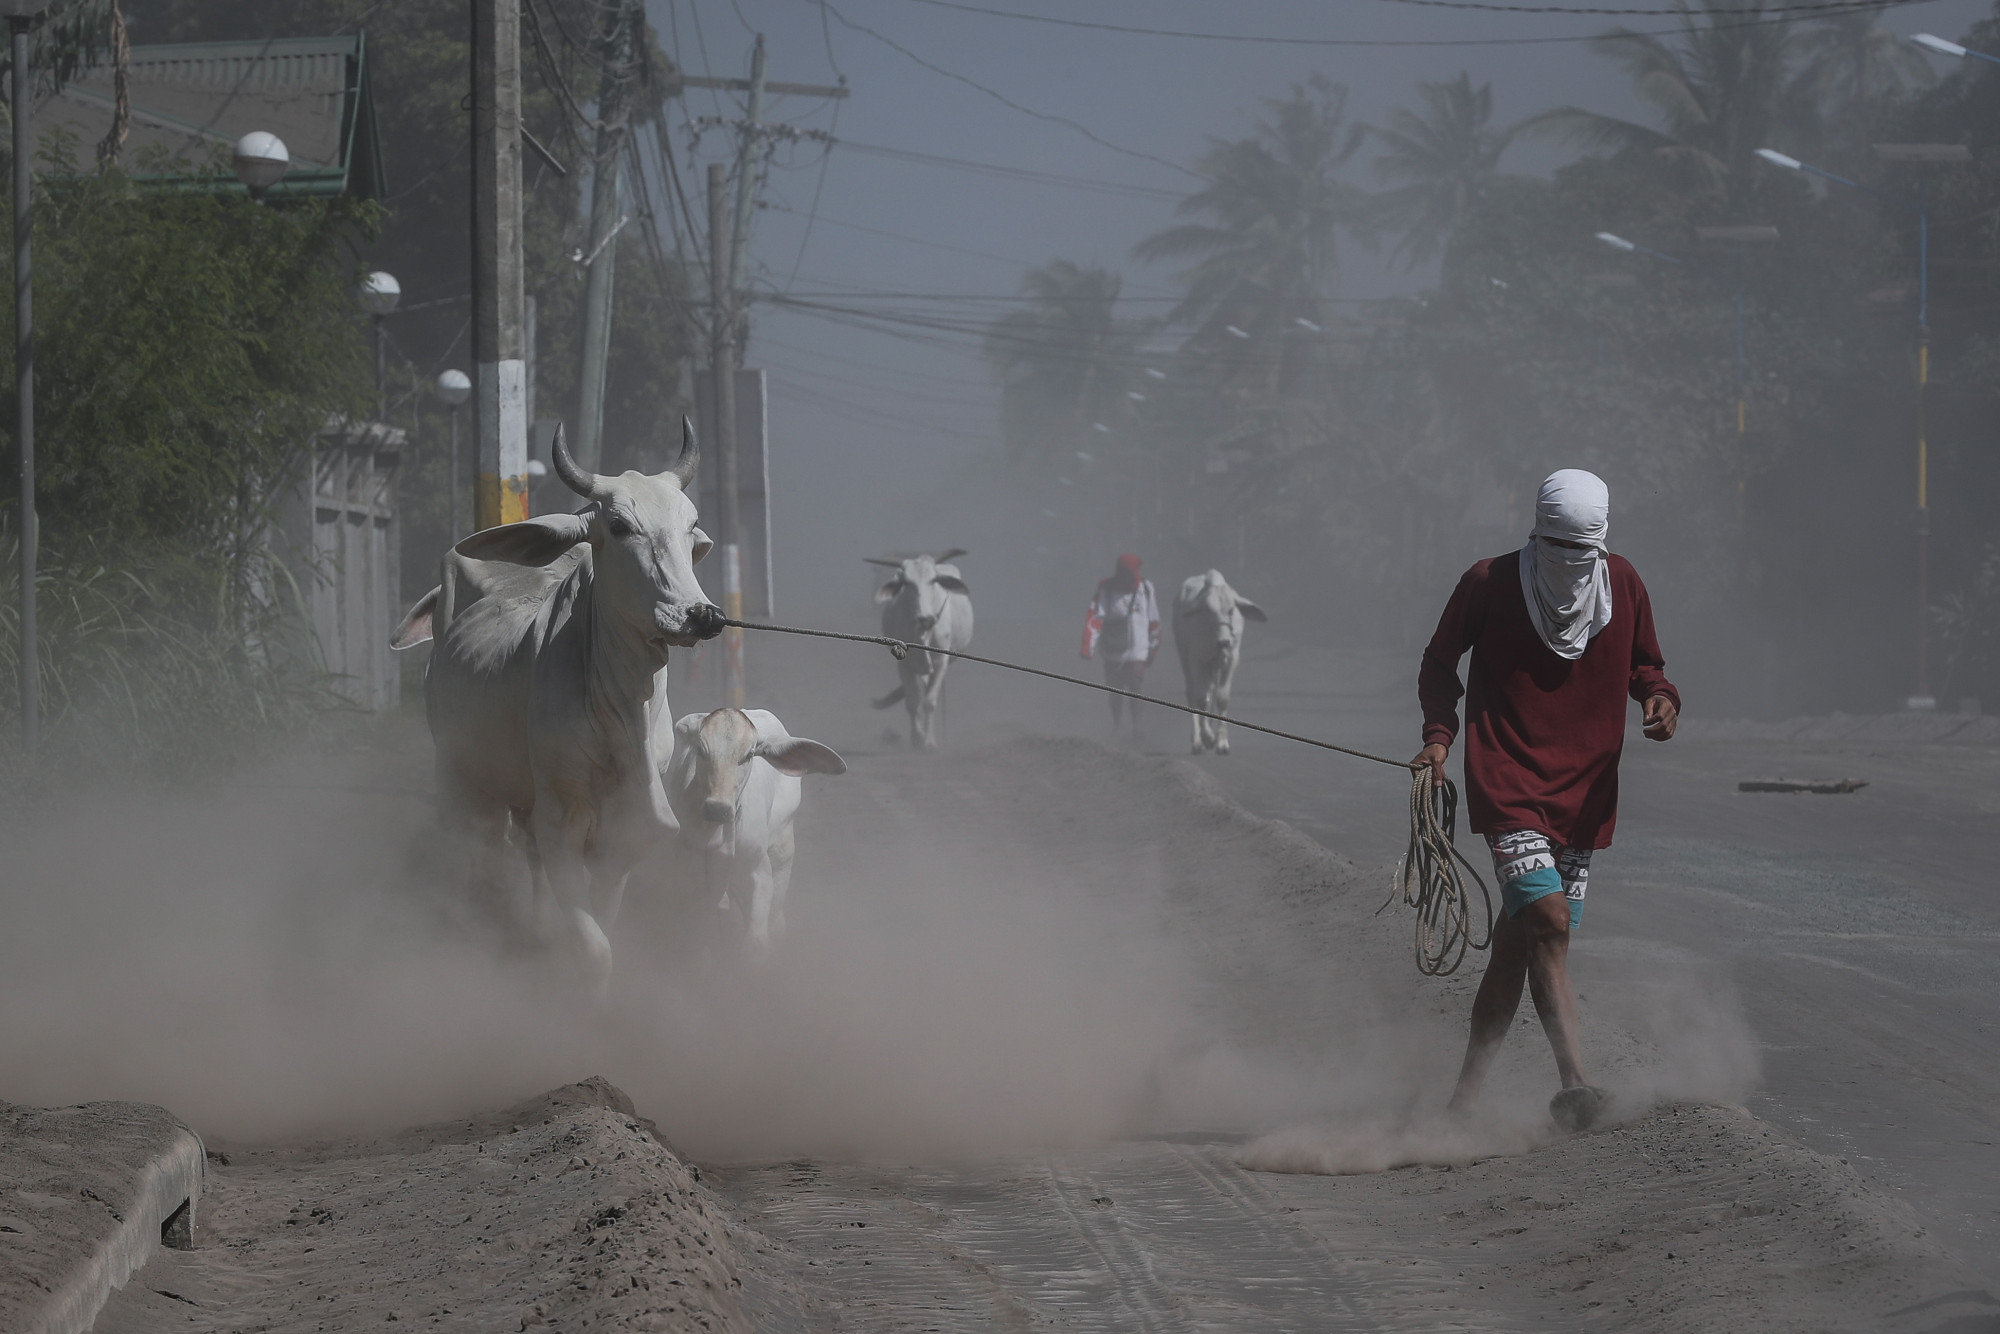 Người dân kéo những con bò của họ trên một con đường ở thị trấn Agoncillo, Batangas, ngày 16/1/2020. Hình của Mark R Cristino (nguồn: EPA / EFE).